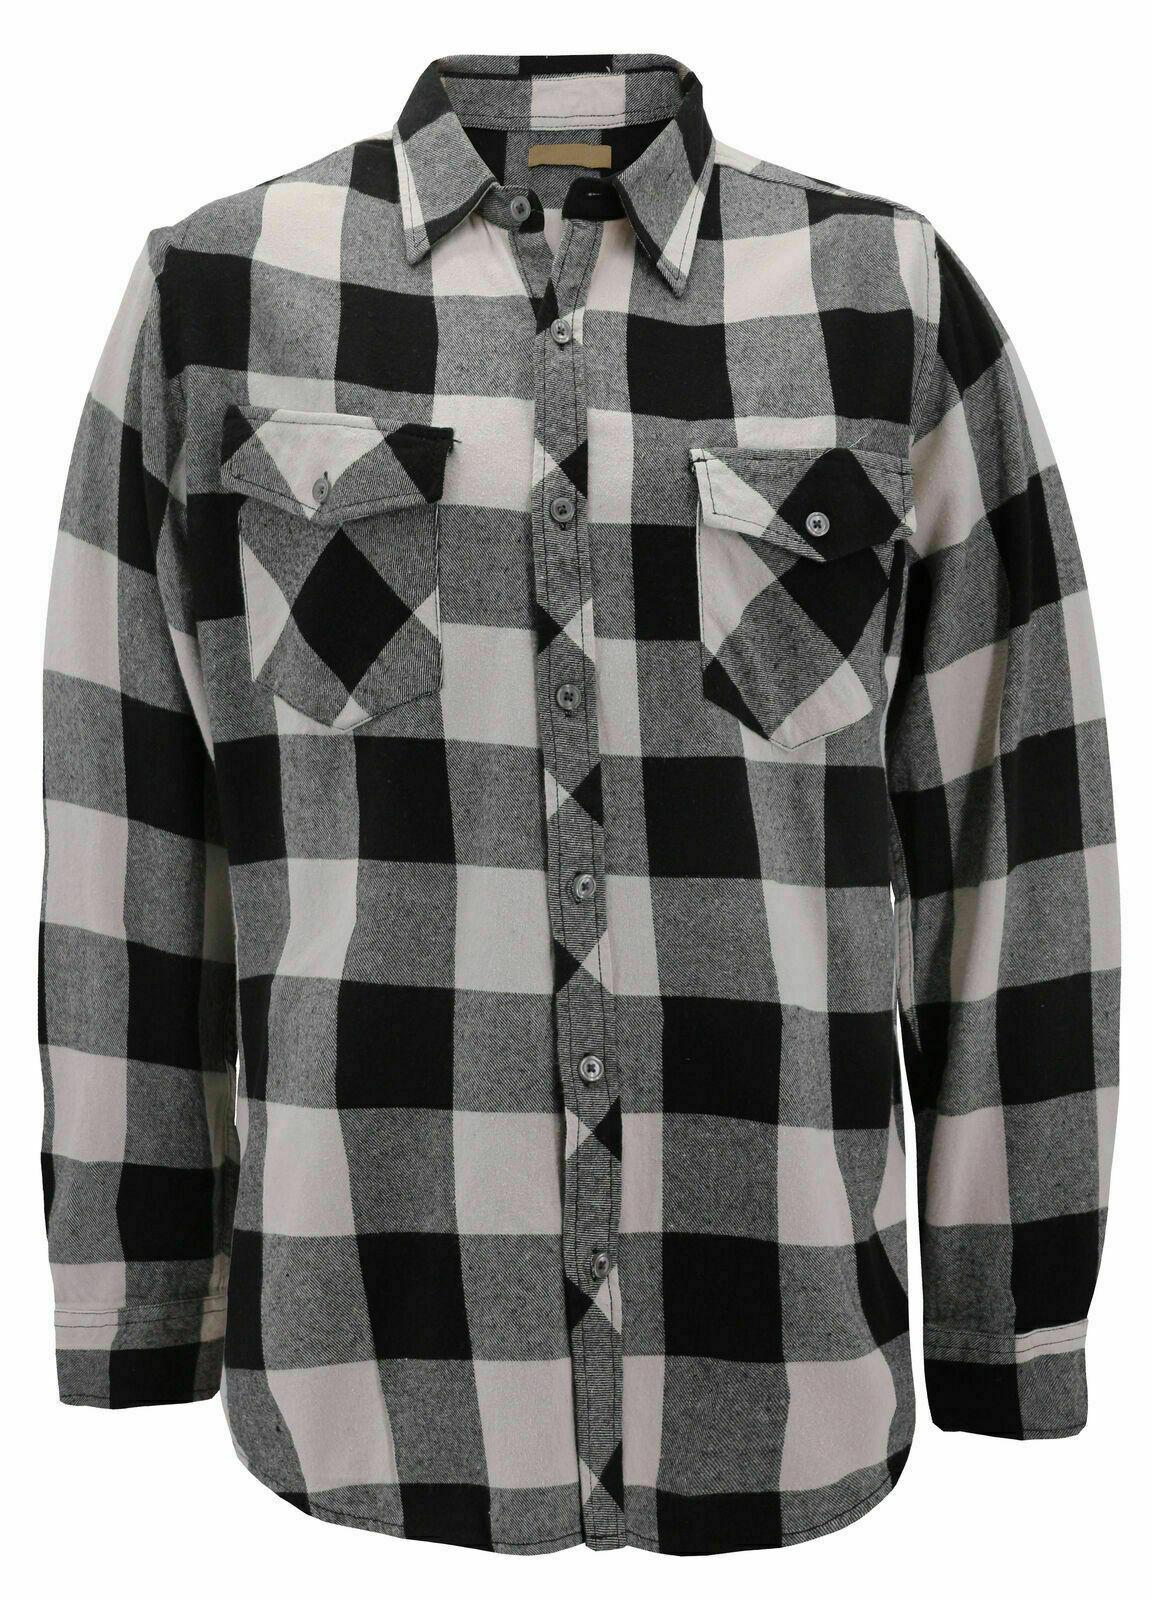 Men's Premium Cotton Button Up Long Sleeve Plaid Black/Cream Flannel Shirt - L